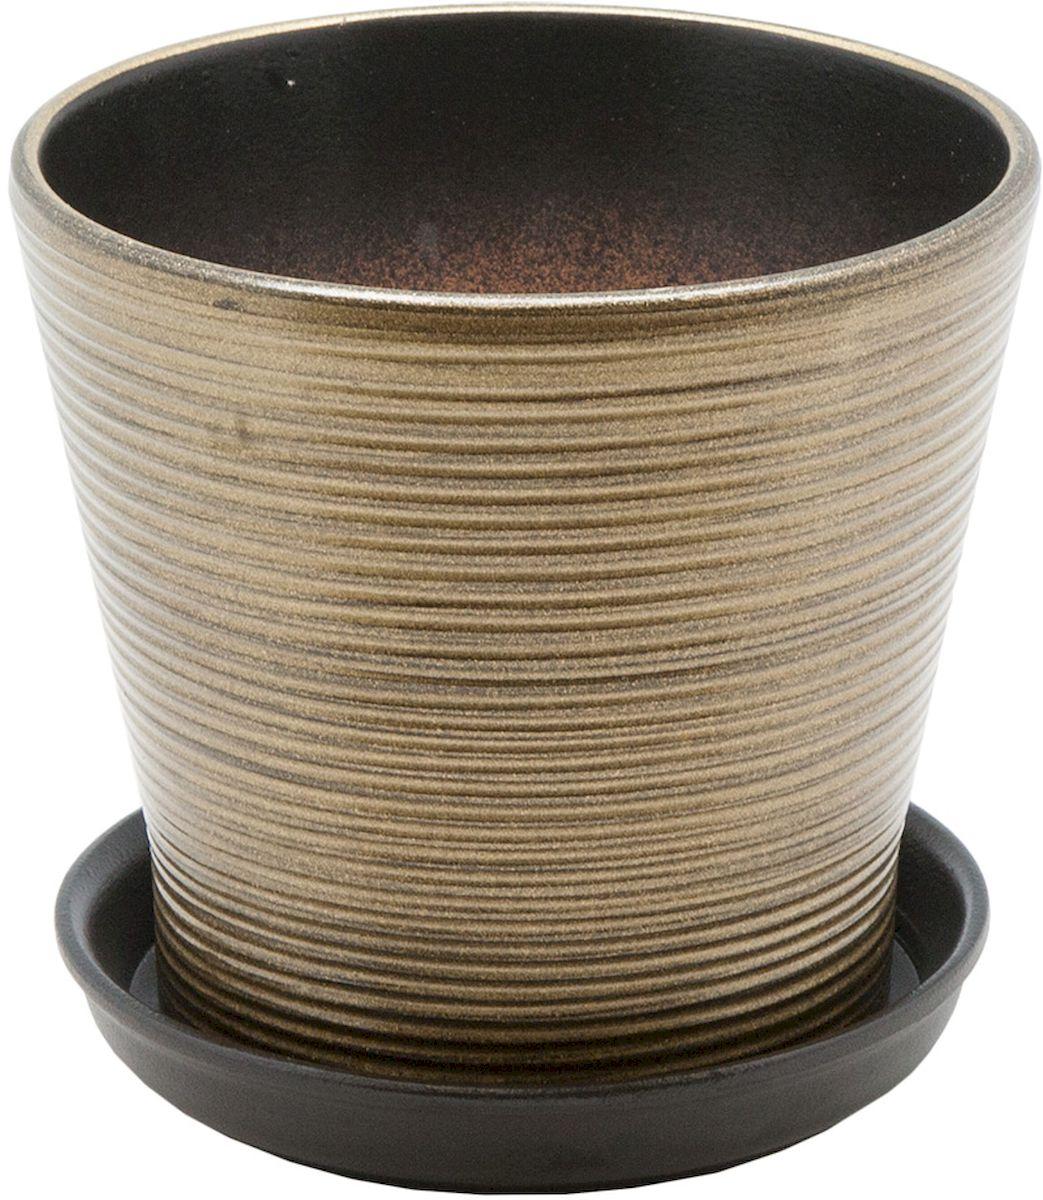 Горшок цветочный Engard, с поддоном, цвет: бронзовый глянцевый, 1,8 лBH-05-13Керамический горшок Engard - это идеальное решение для выращивания комнатных растений и создания изысканности в интерьере. Керамический горшок сделан из высококачественной глины в классической форме и оригинальном дизайне.Объем: 1,8 л.